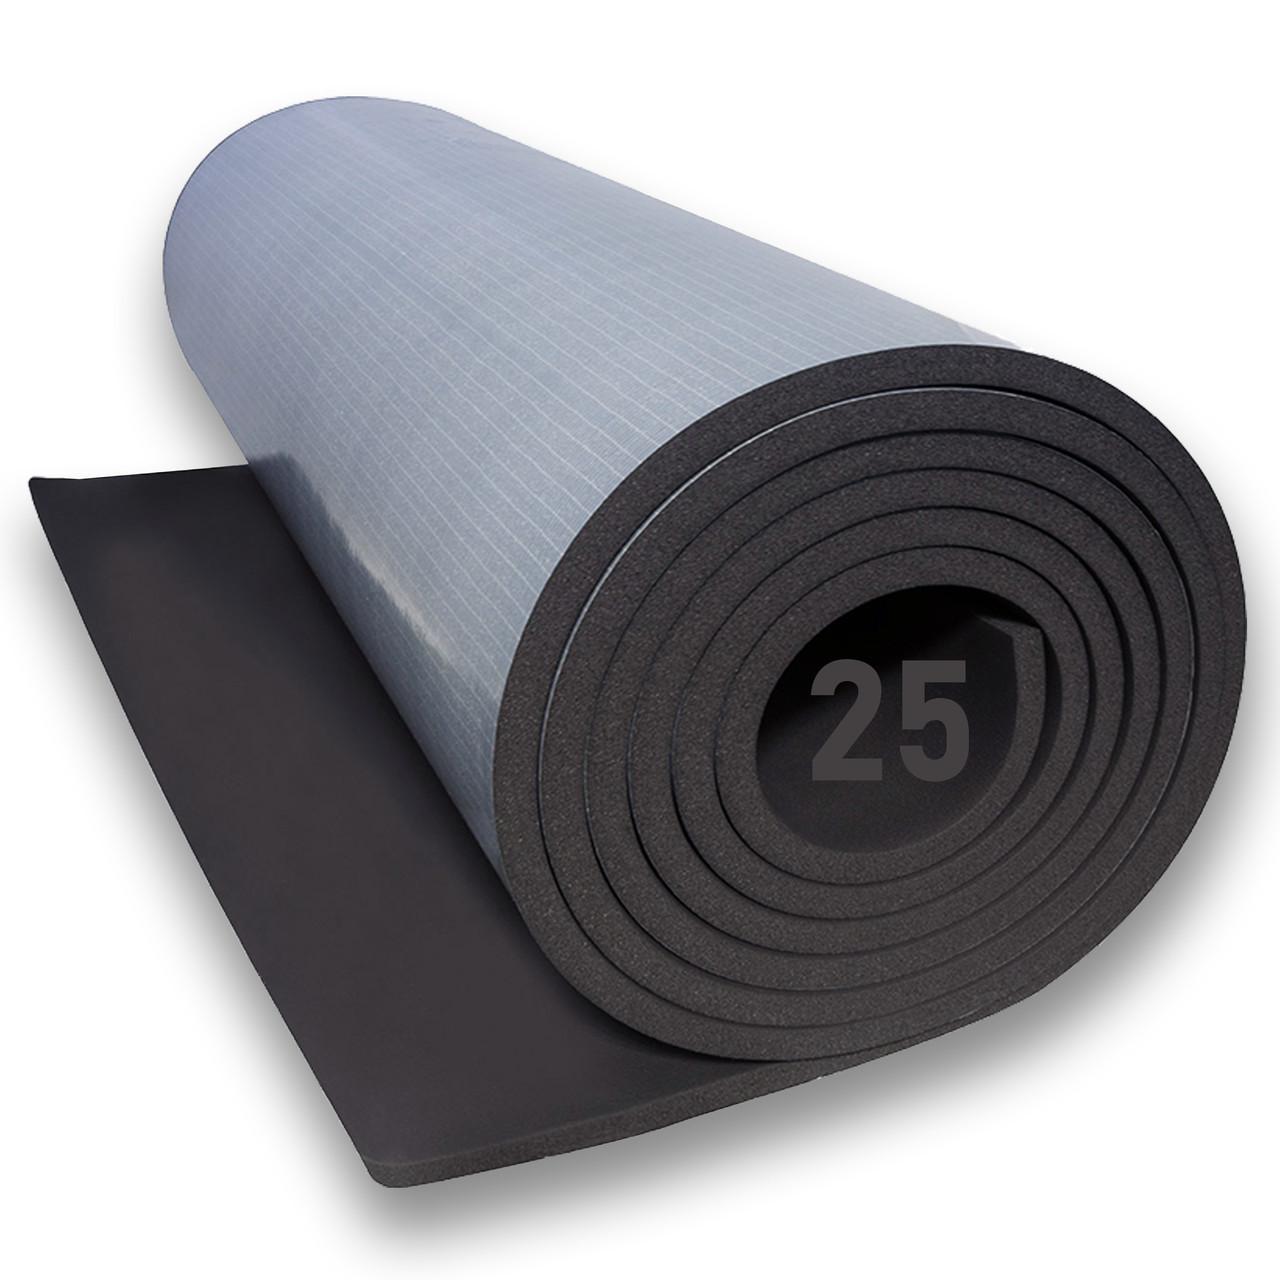 Вспененный каучук самоклеящийся 25 мм цена за рулон